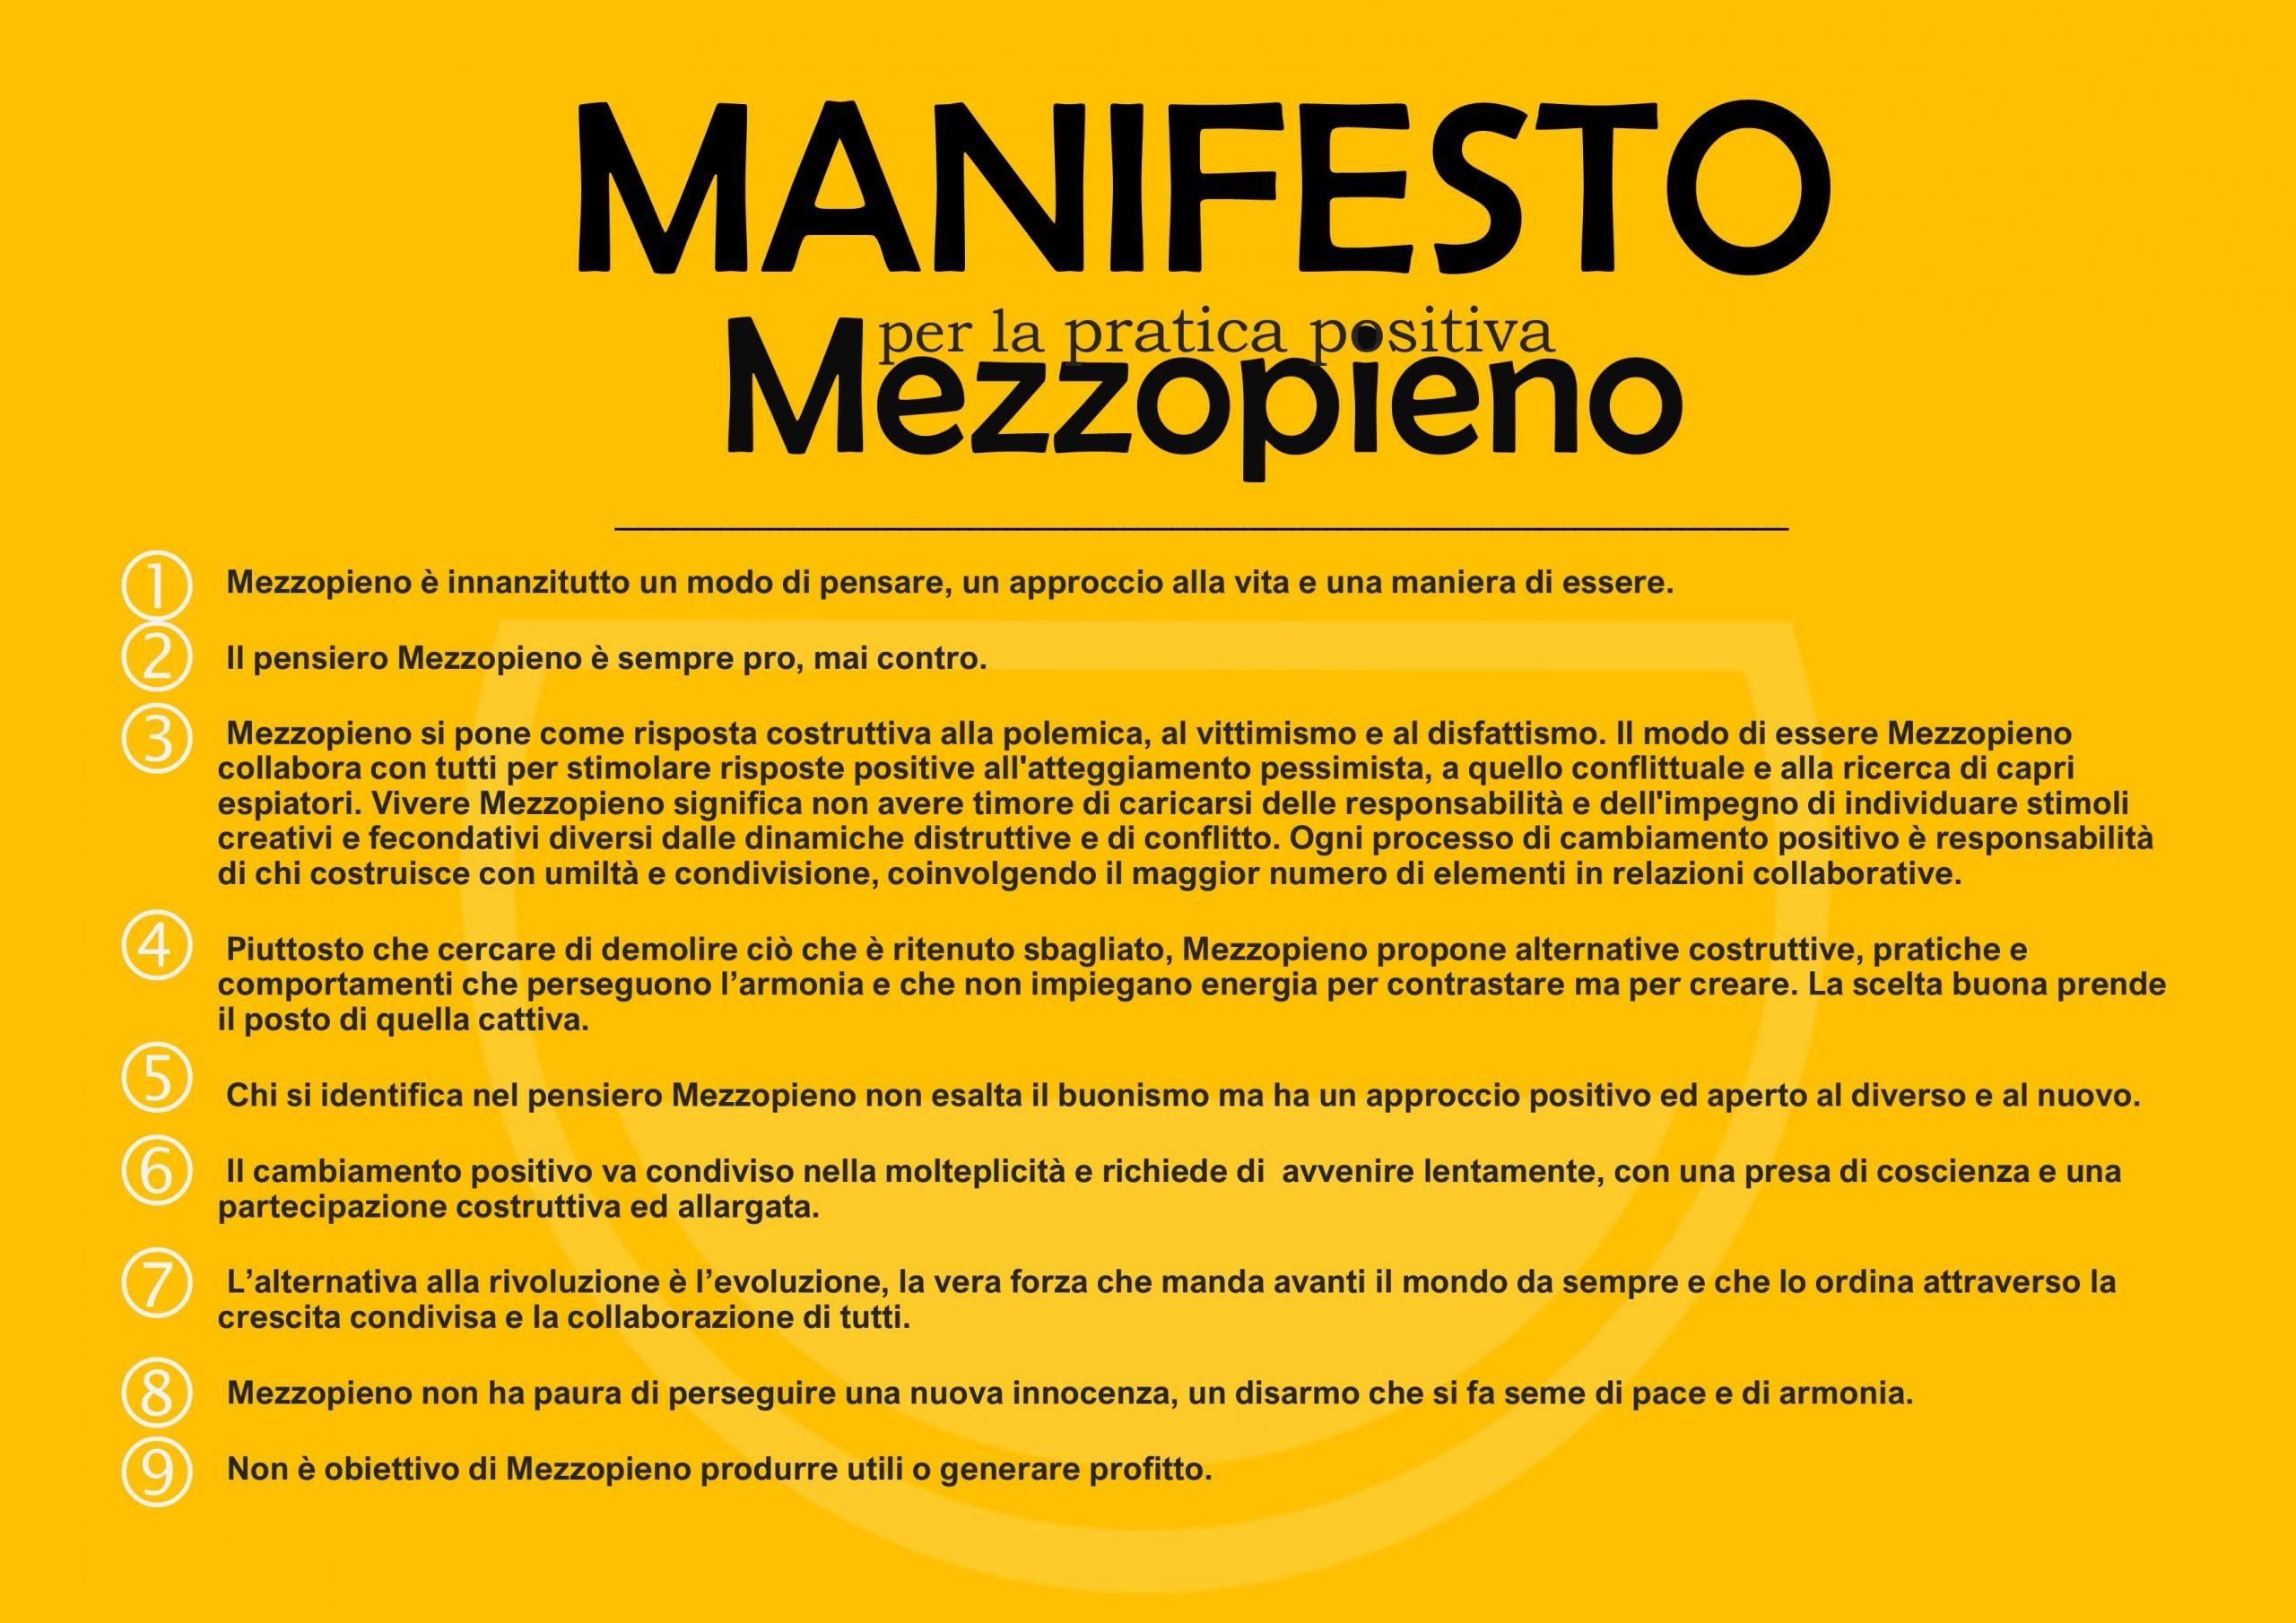 manifesto-mezzopieno-orizzontale